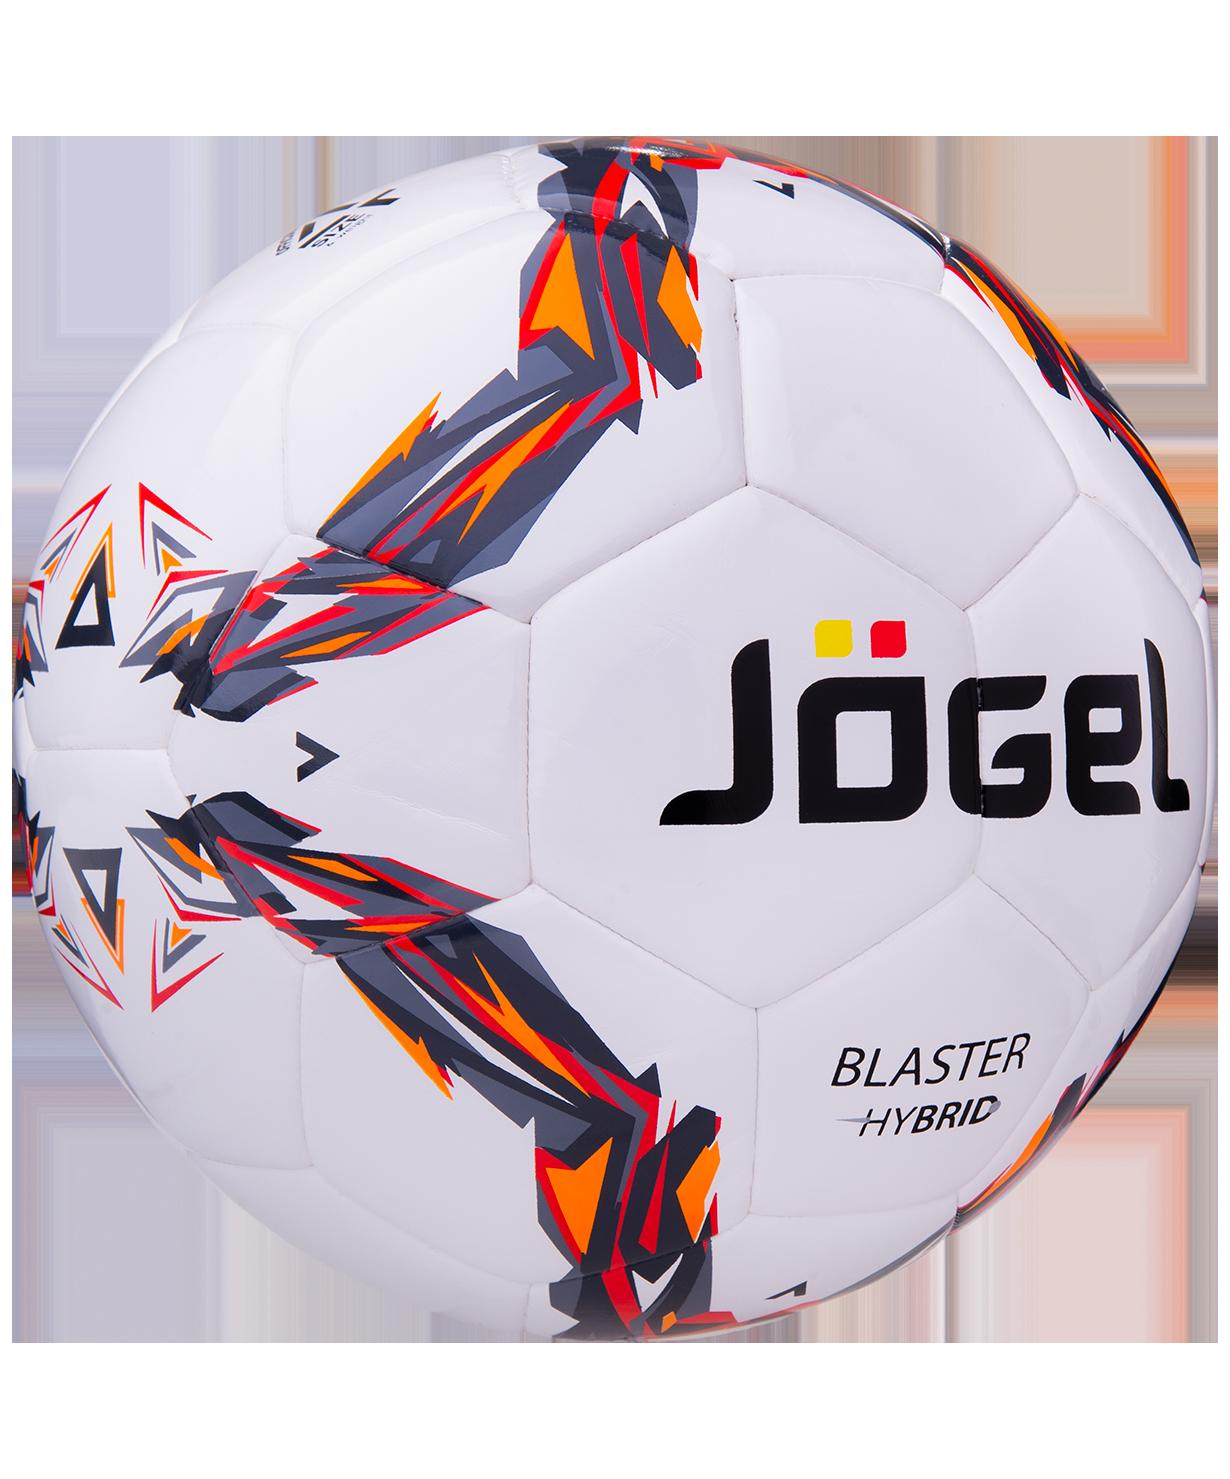 2aeab570 Футбольные мячи купить по доступной цене с доставкой | интернет ...